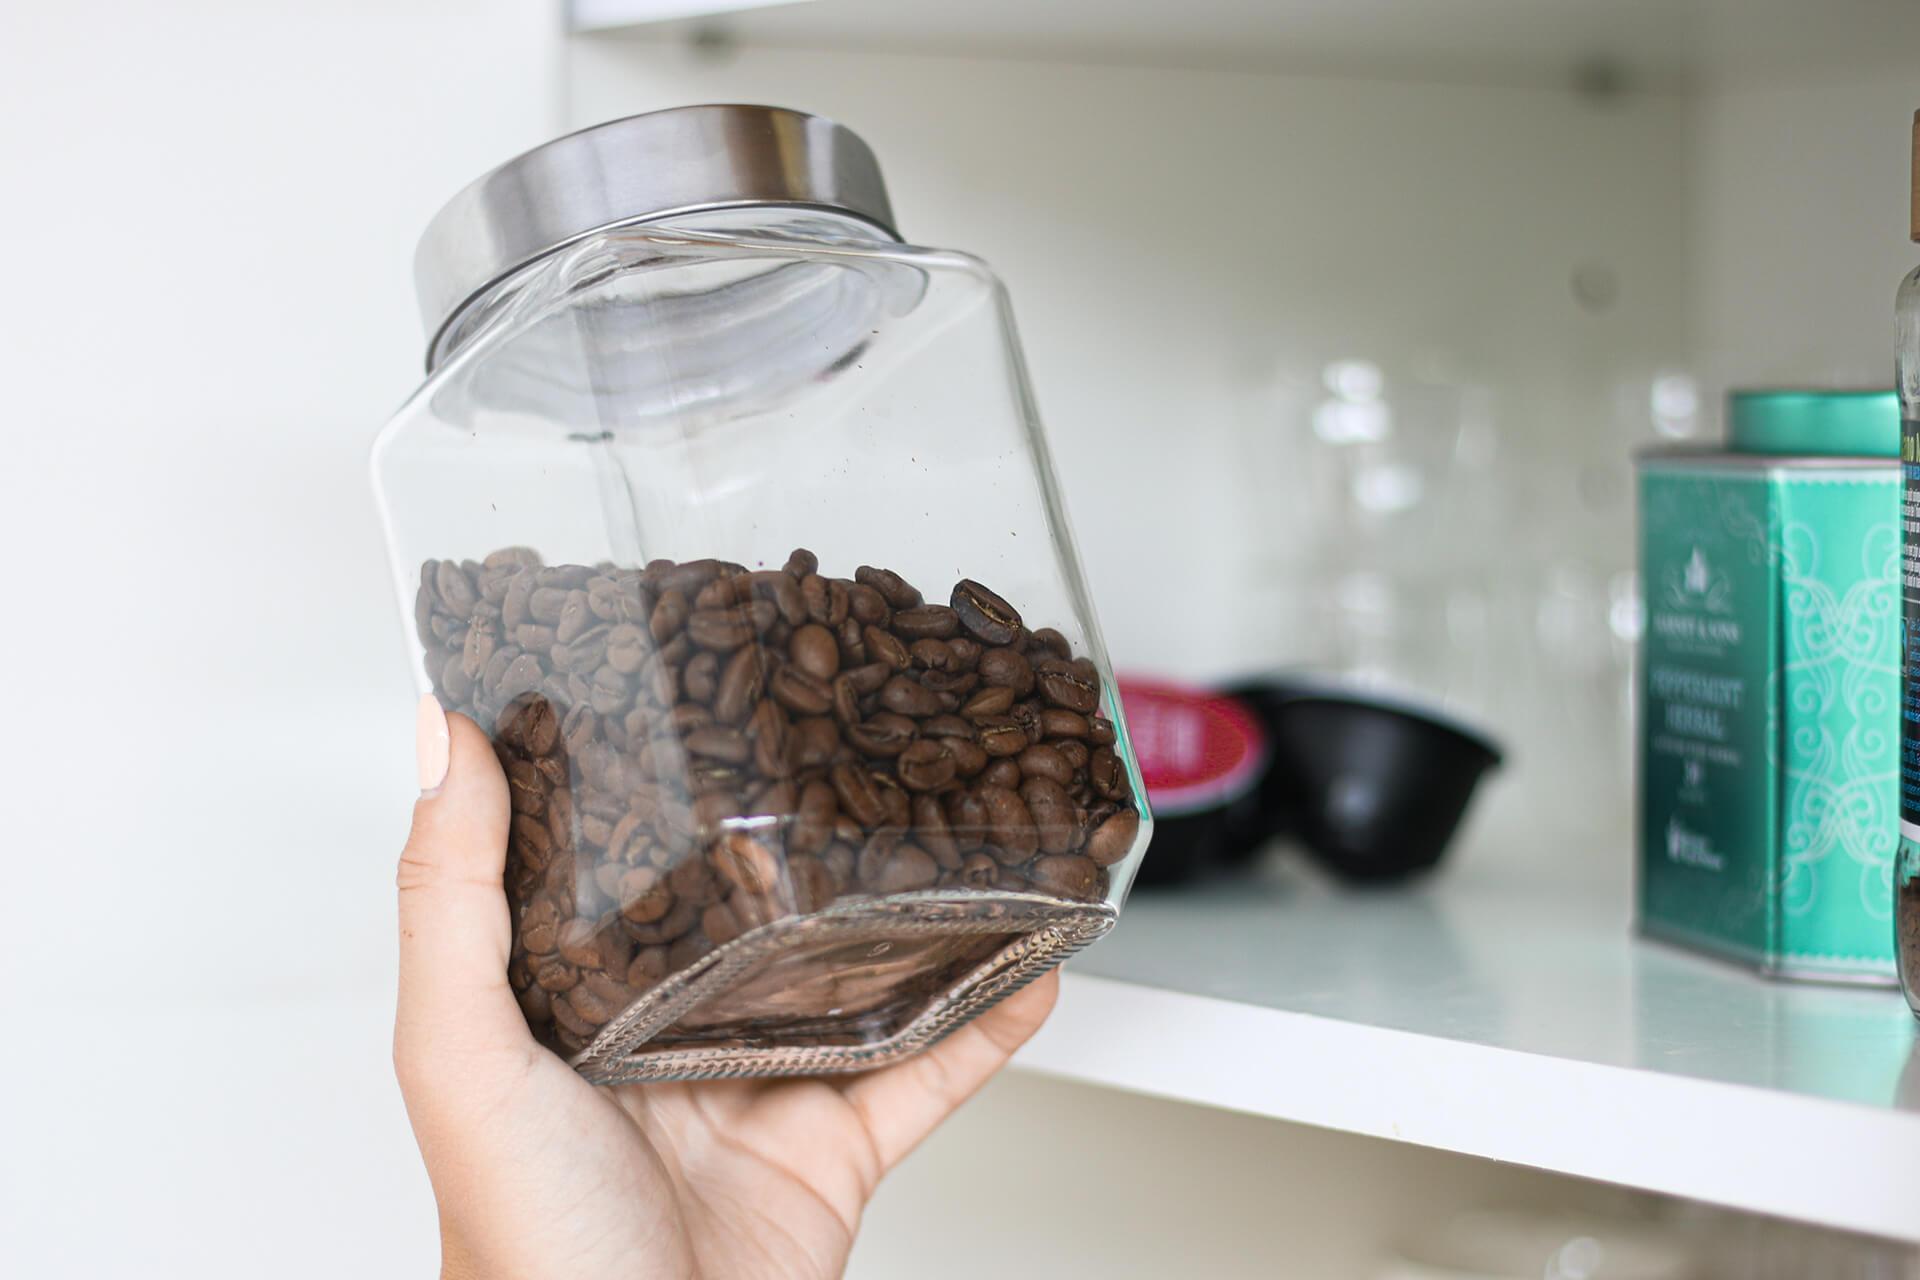 Kuidas kodus kohviube säilitada